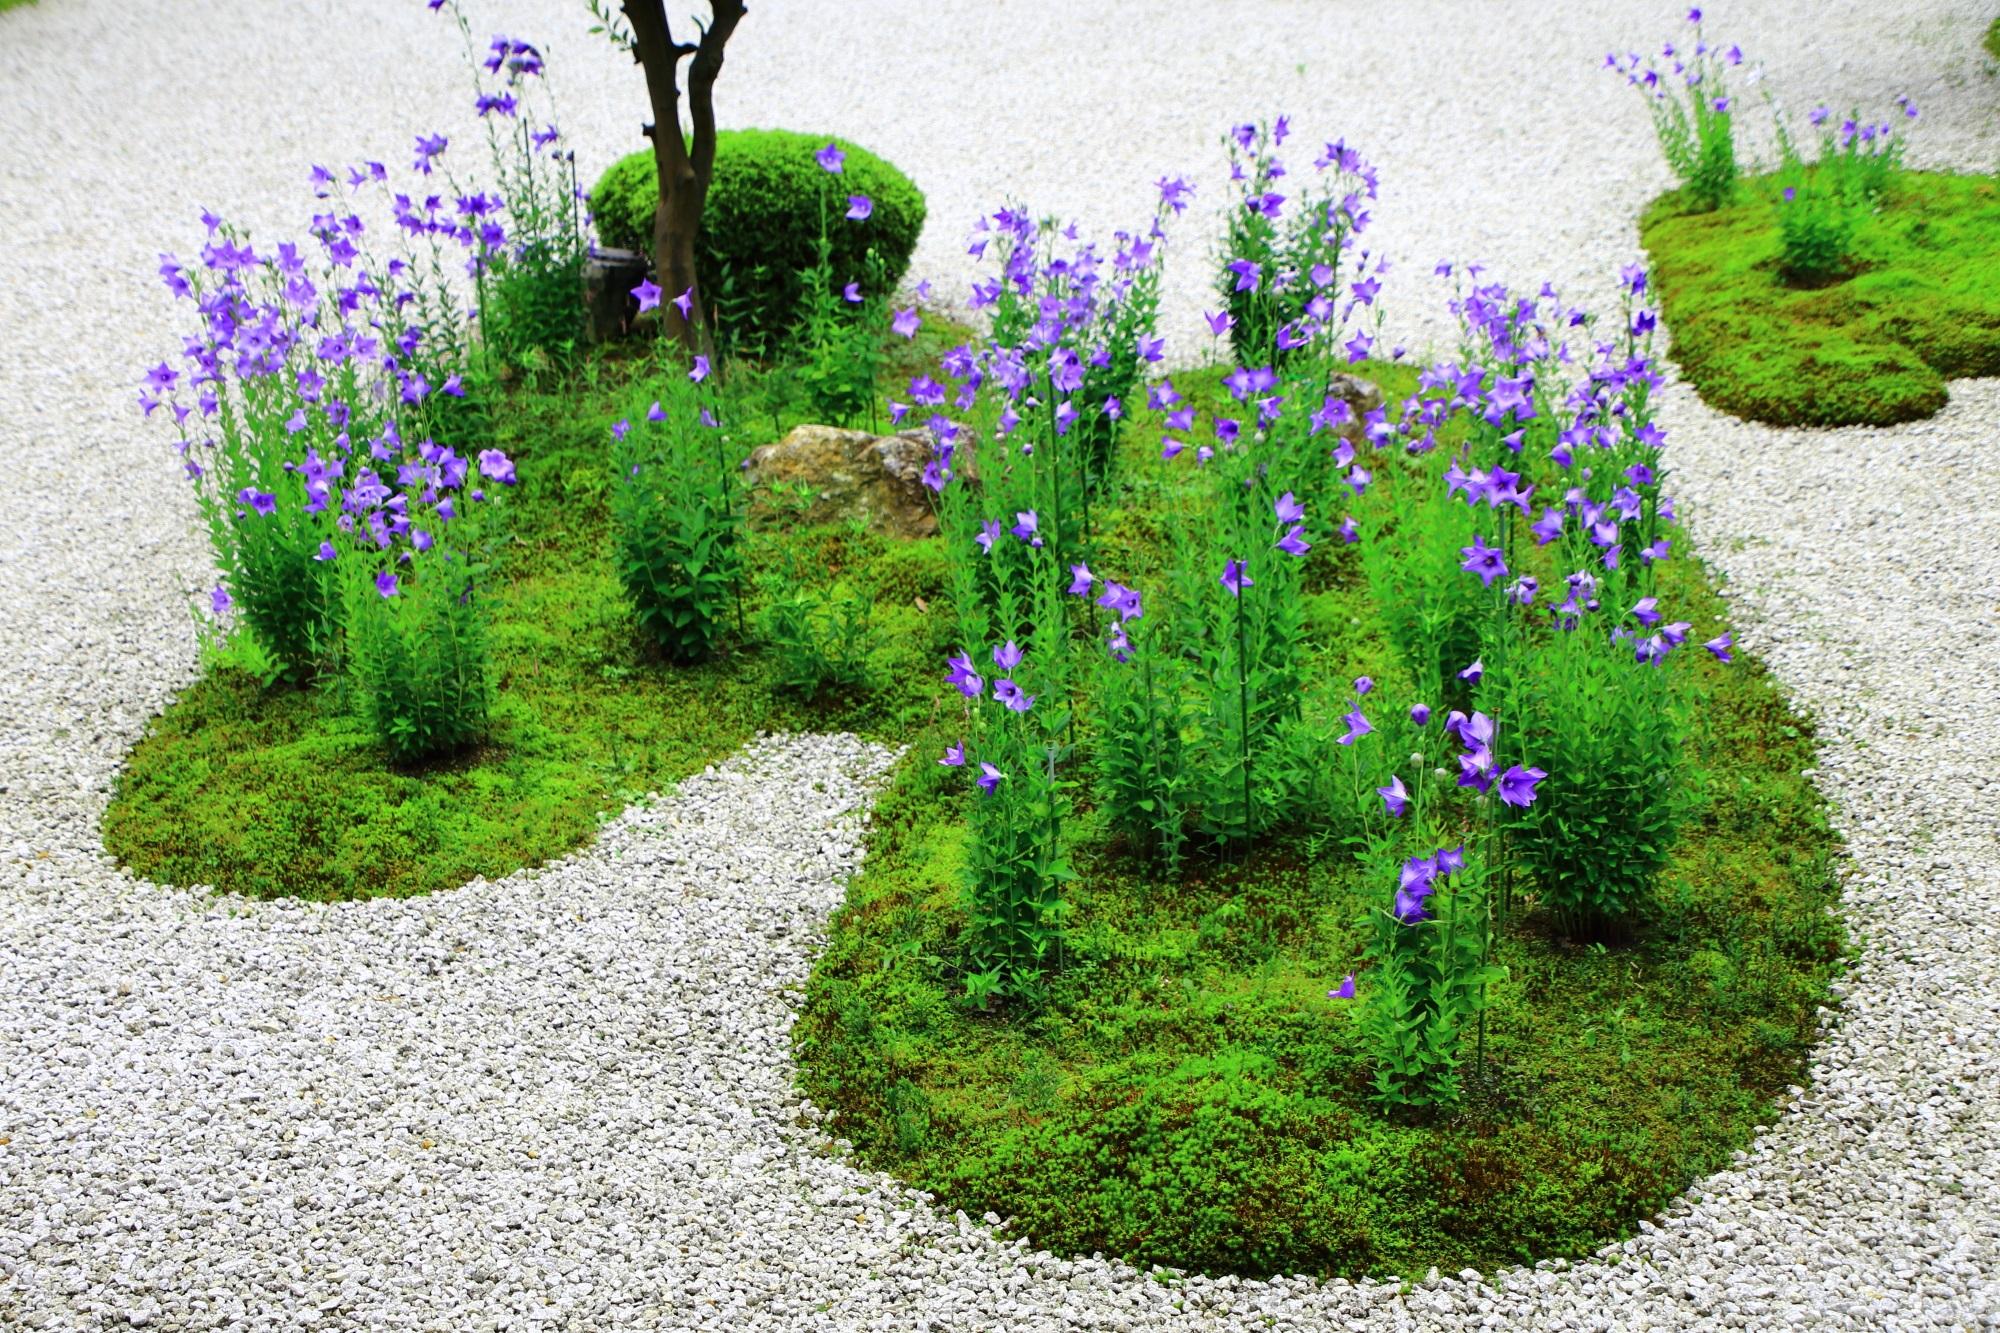 鮮やかな緑の苔の上で華やぐ艶やかな紫の桔梗